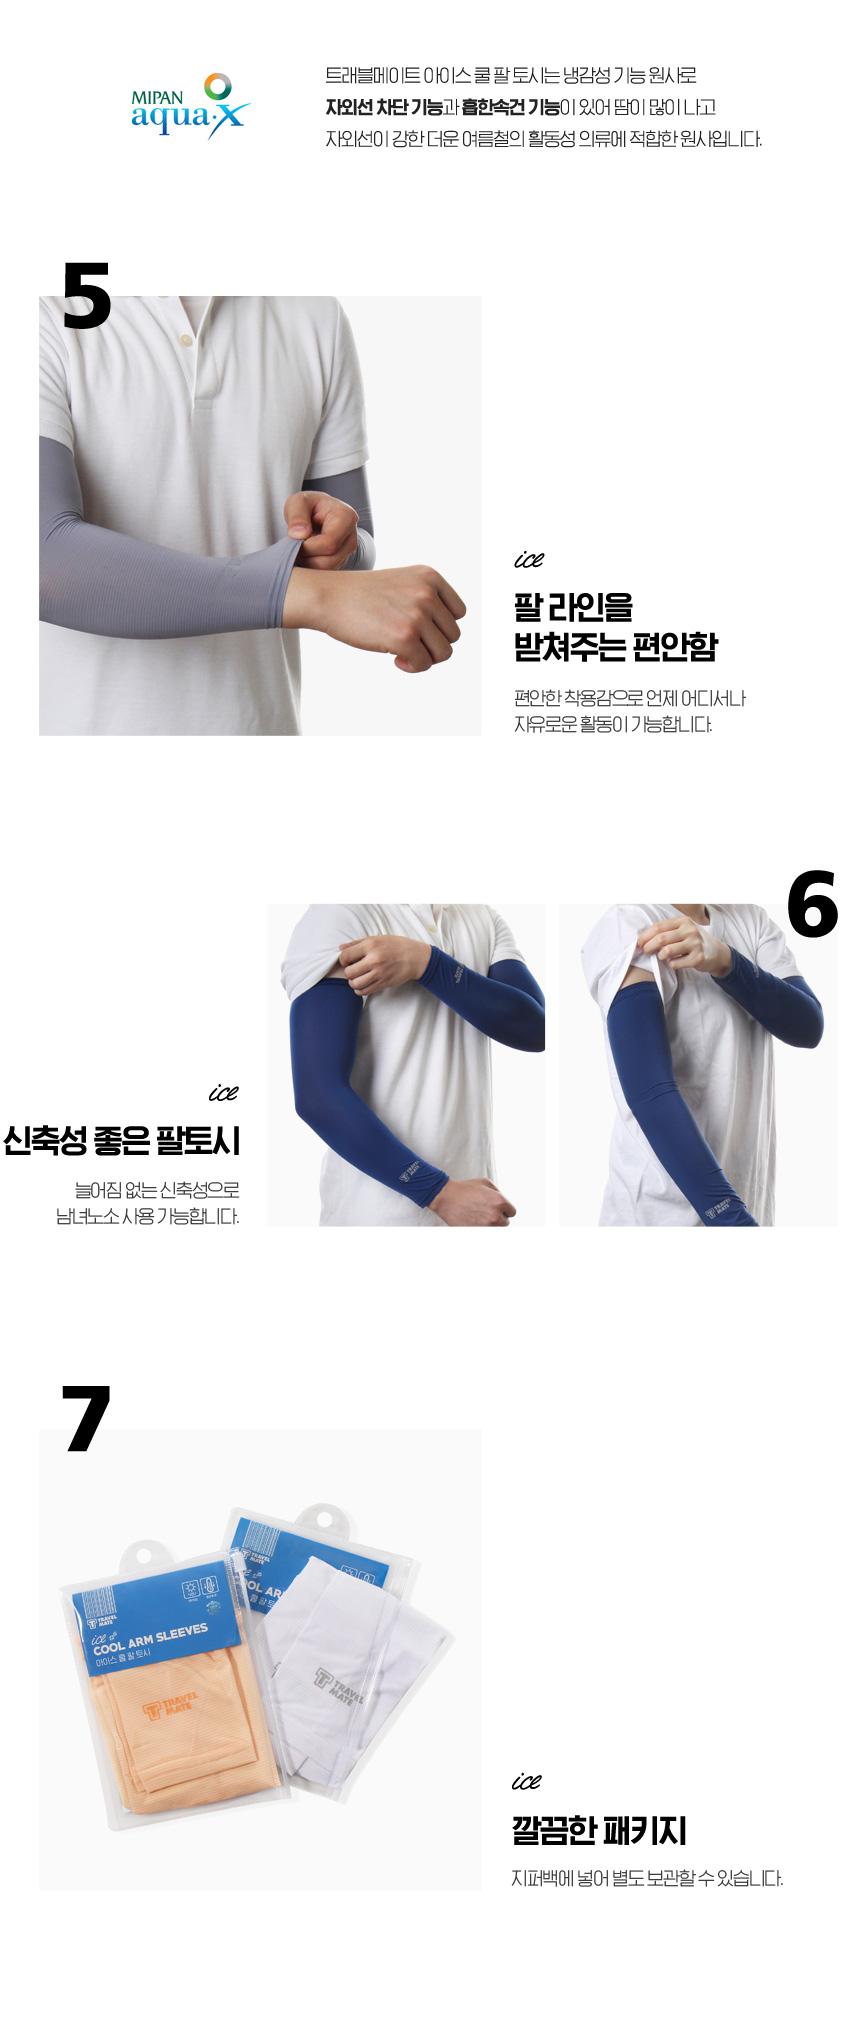 트래블메이트(TRAVELMATE) 아이스 쿨 팔 토시